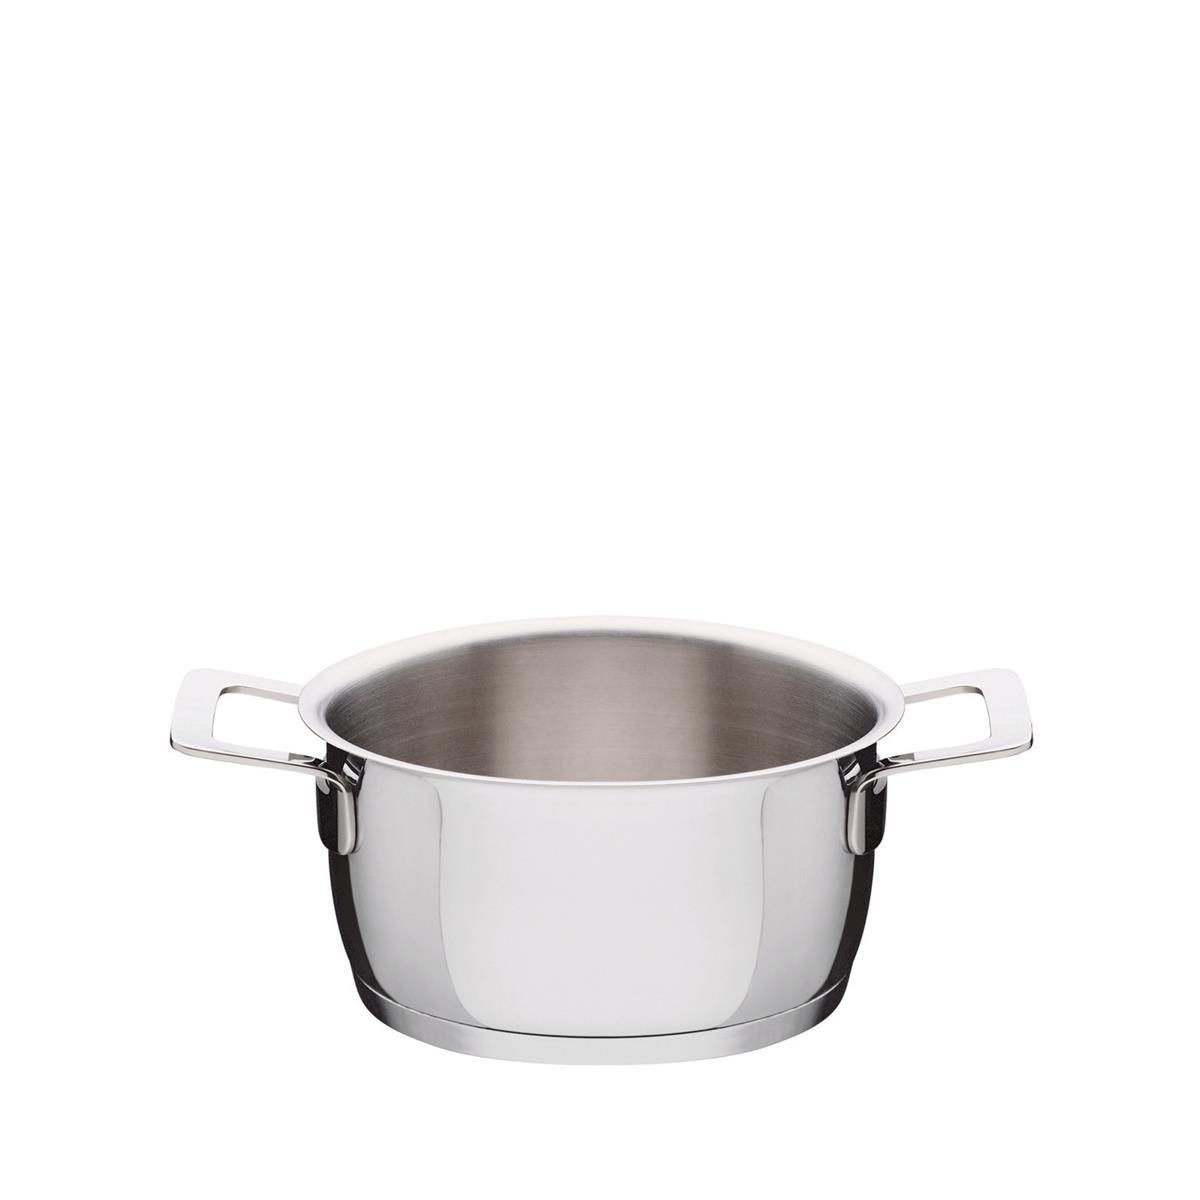 Alessi-Pots & Pans Auflauf aus 18/10 Edelstahl zur Induktion geeignet